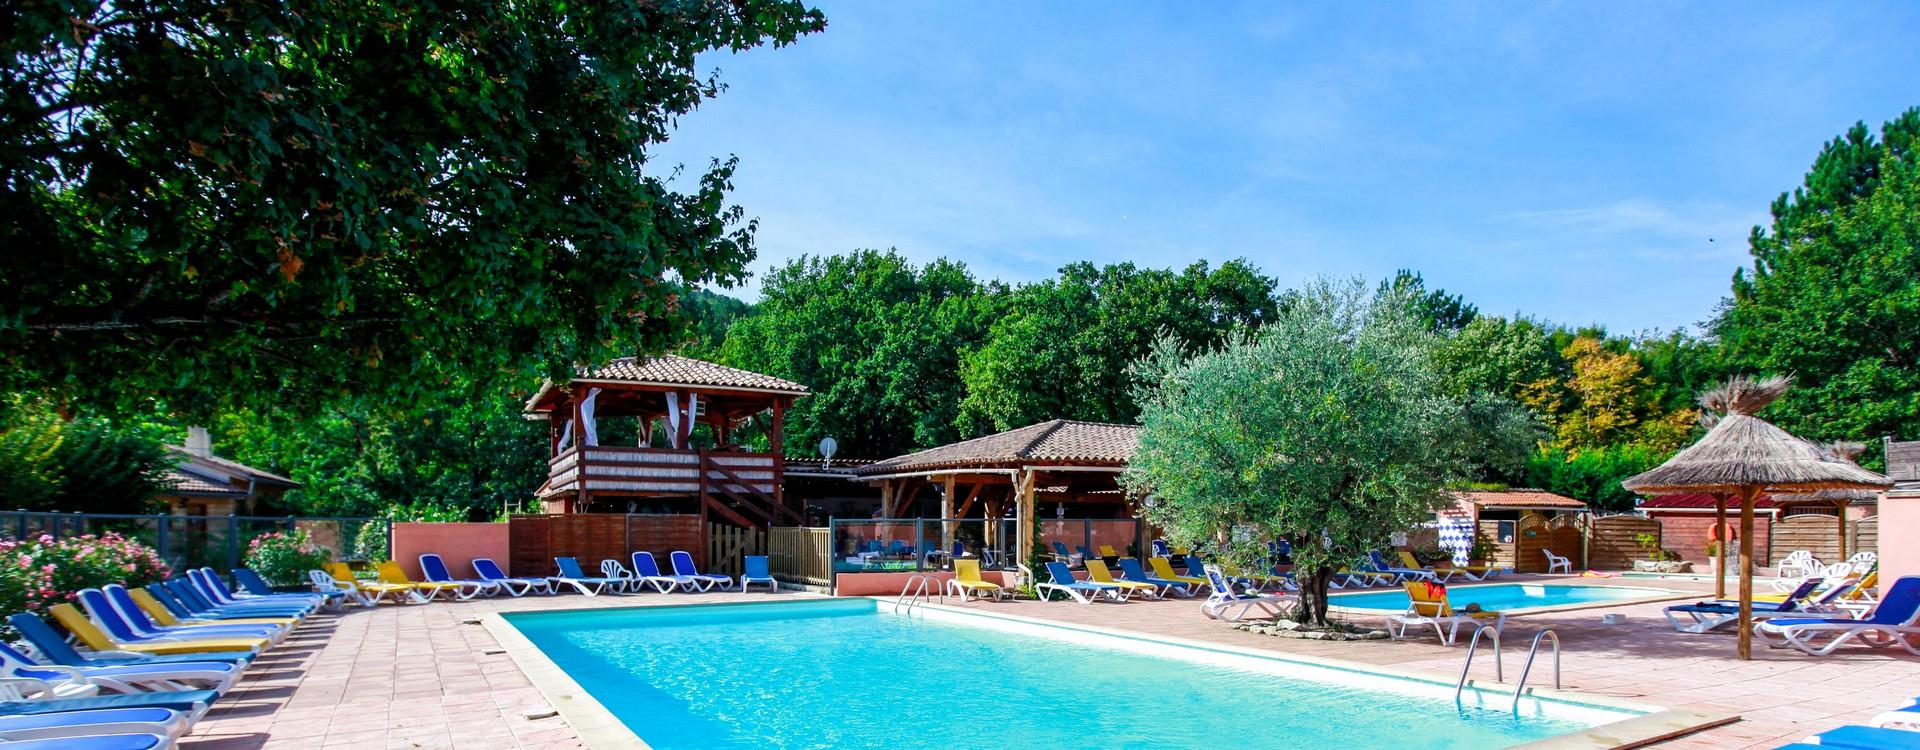 Votre Camping Dans Le Luberon En Provence   Avec 3 Piscines ... avec Camping Lubéron Avec Piscine